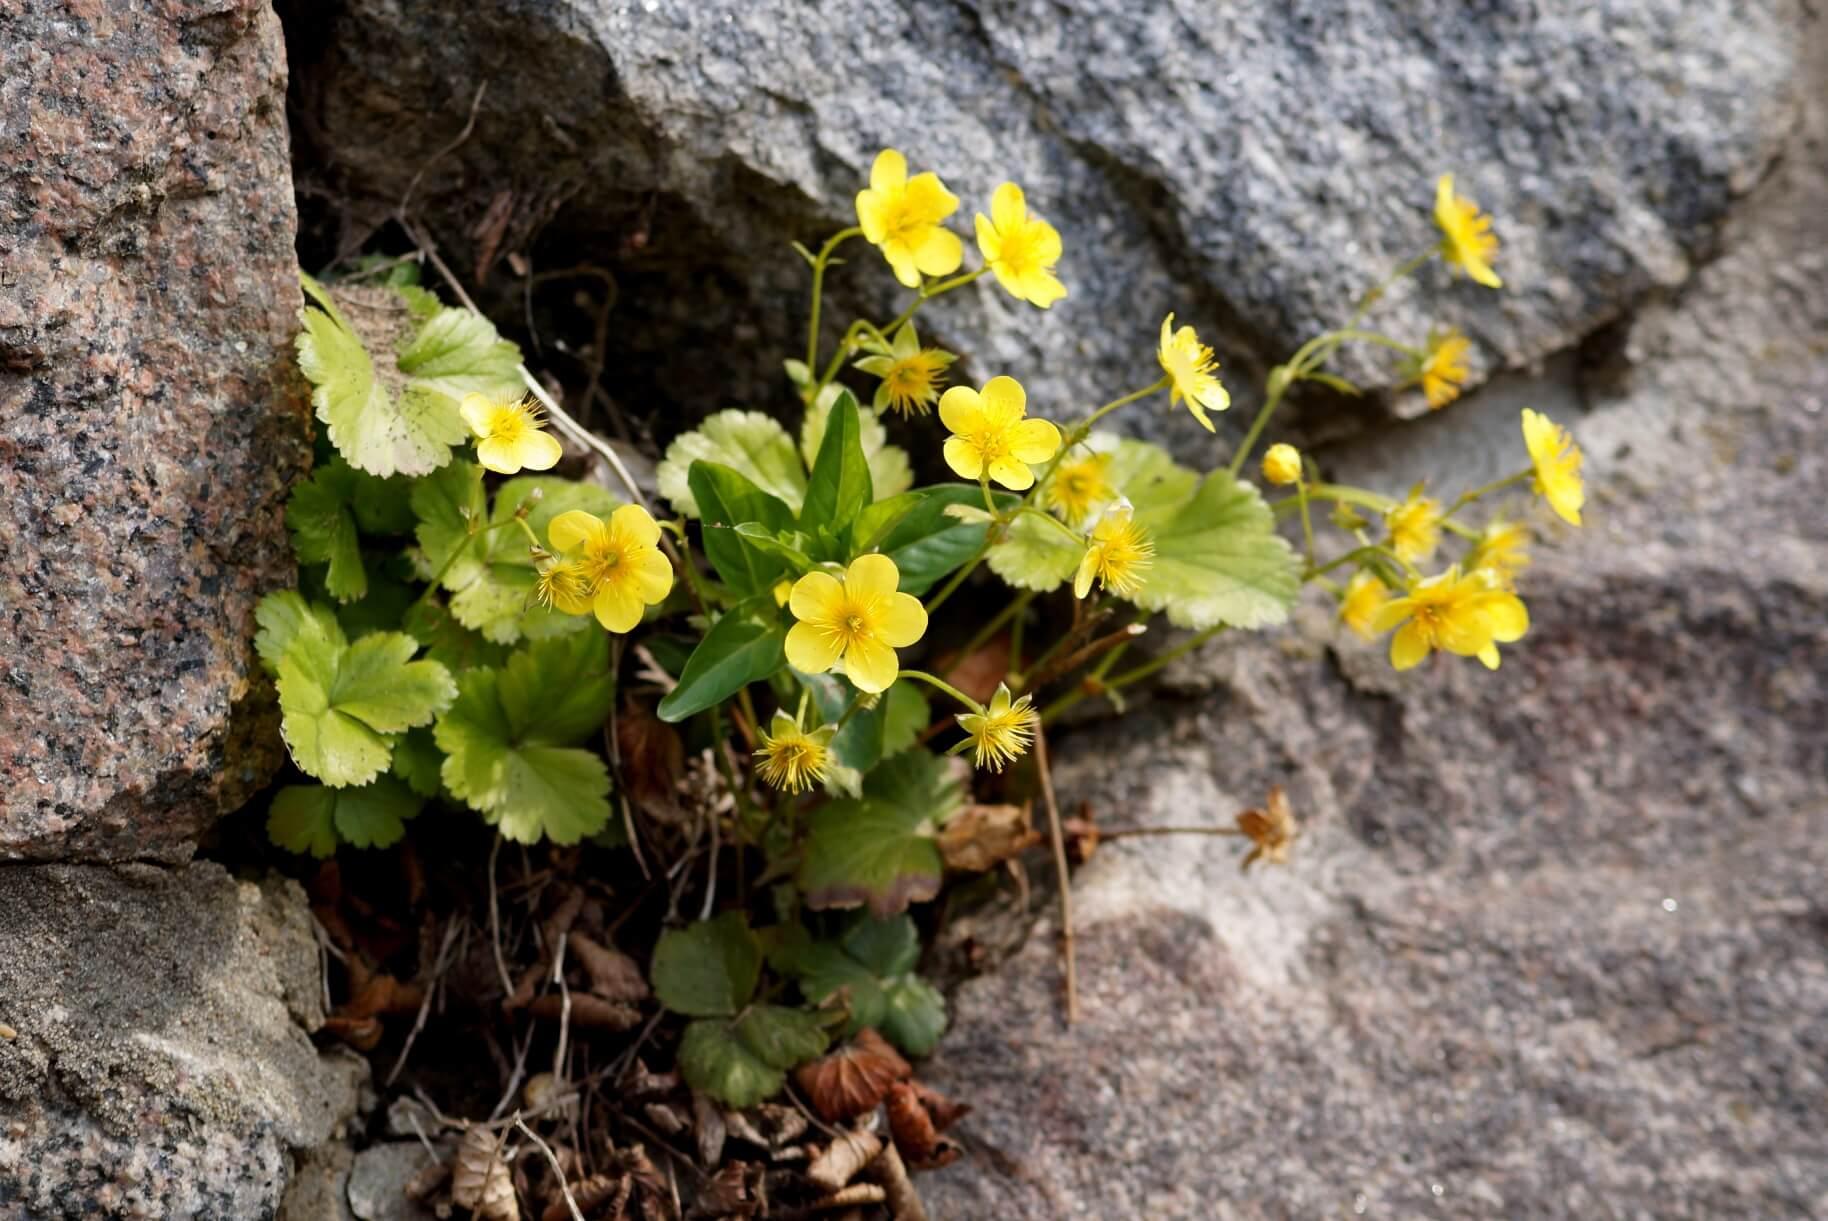 Waldsteinia ternata, Waldsteinia sibirica, Waldsteinia trifolia – pragnia syberyjska